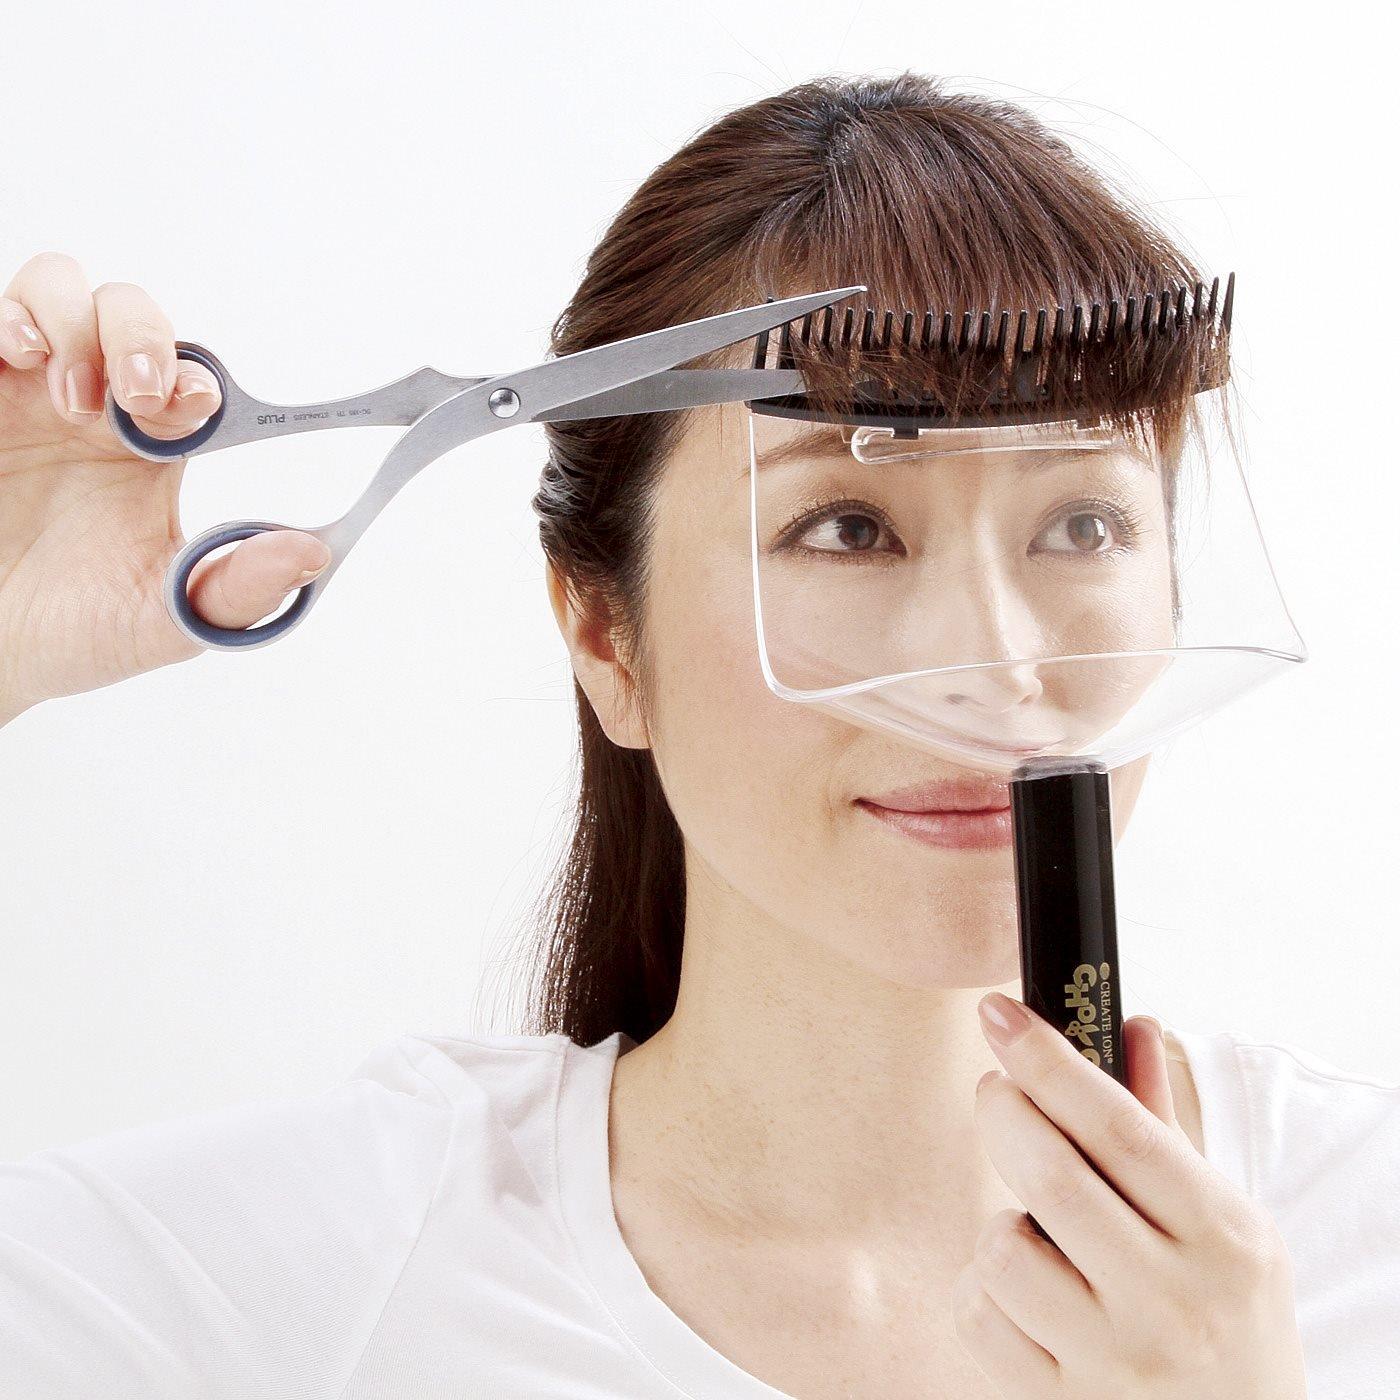 後片づけ簡単 絶妙セルフカット 前髪専用カットサポーター